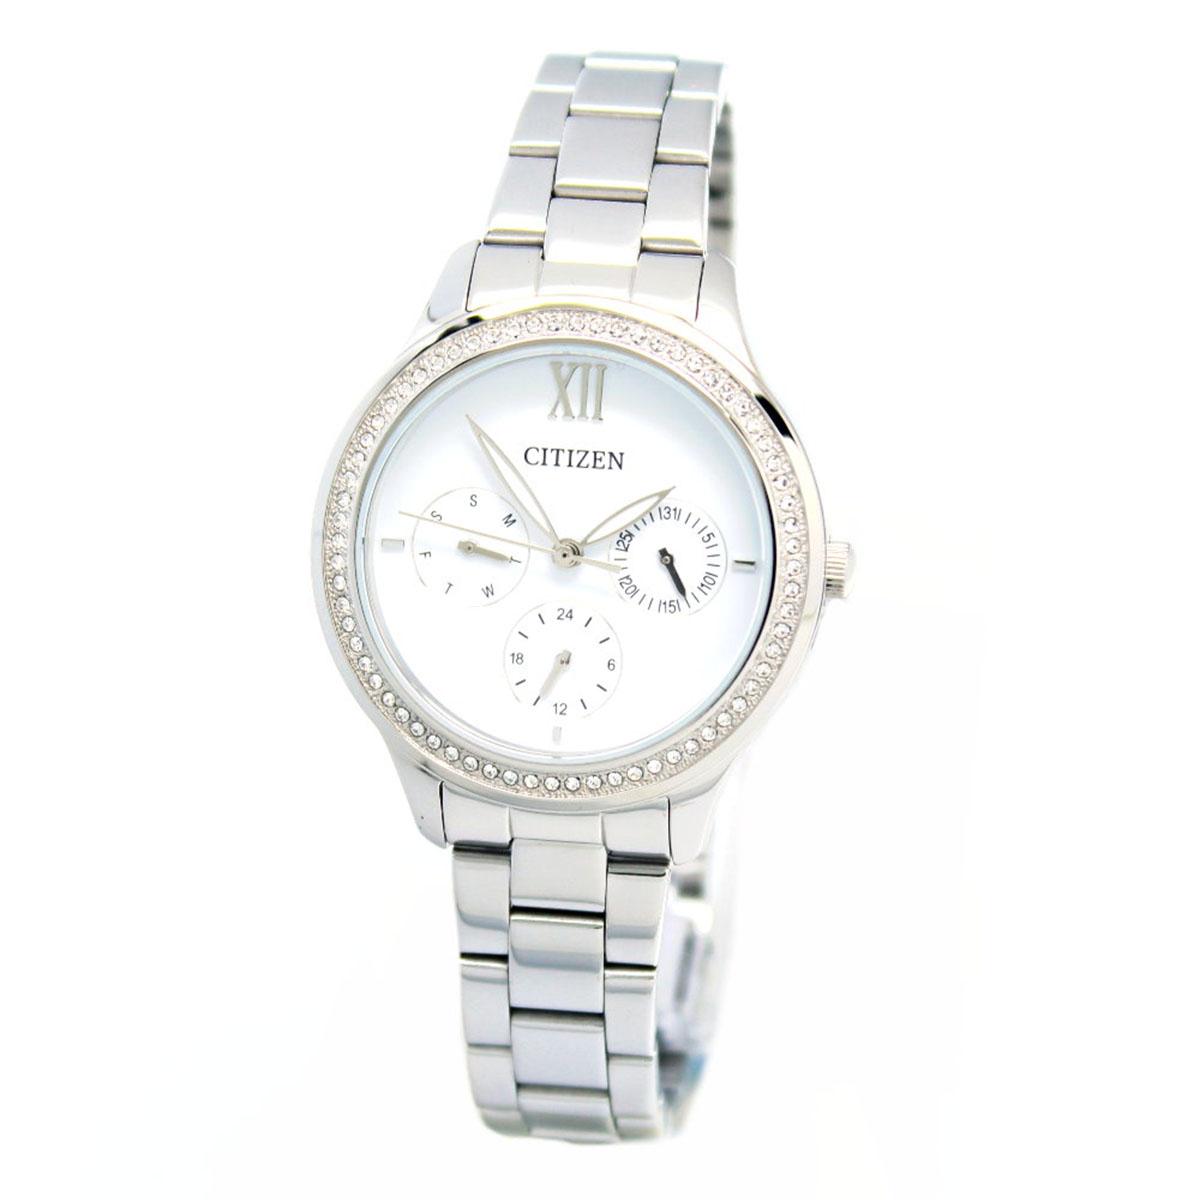 นาฬิกาผู้หญิง Citizen รุ่น ED8150-53A, Dress QUARTZ Analog Silver Watch